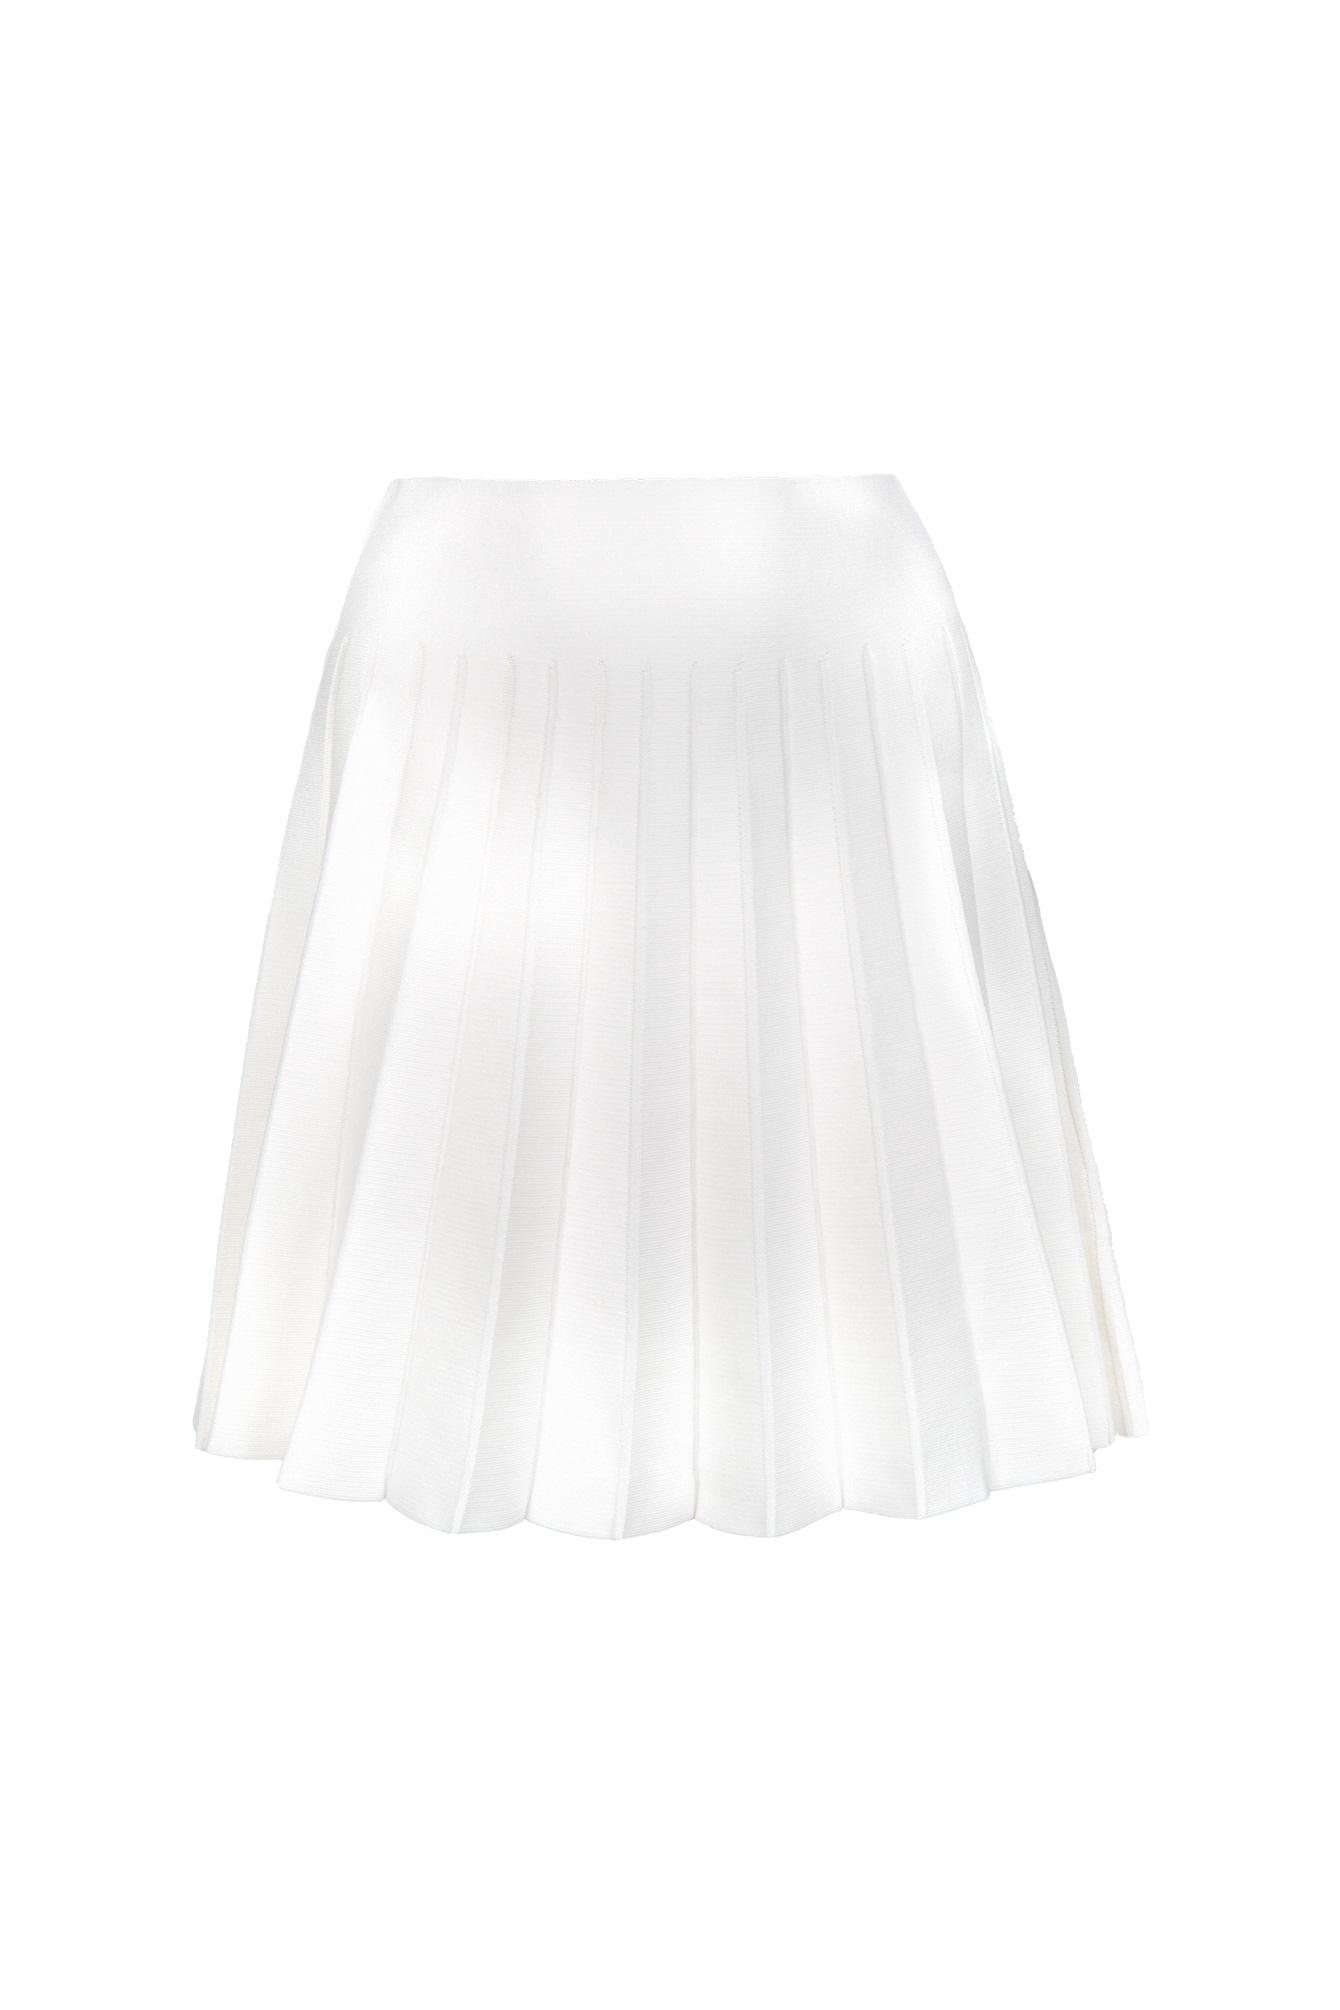 Chrissy pleated skirt white